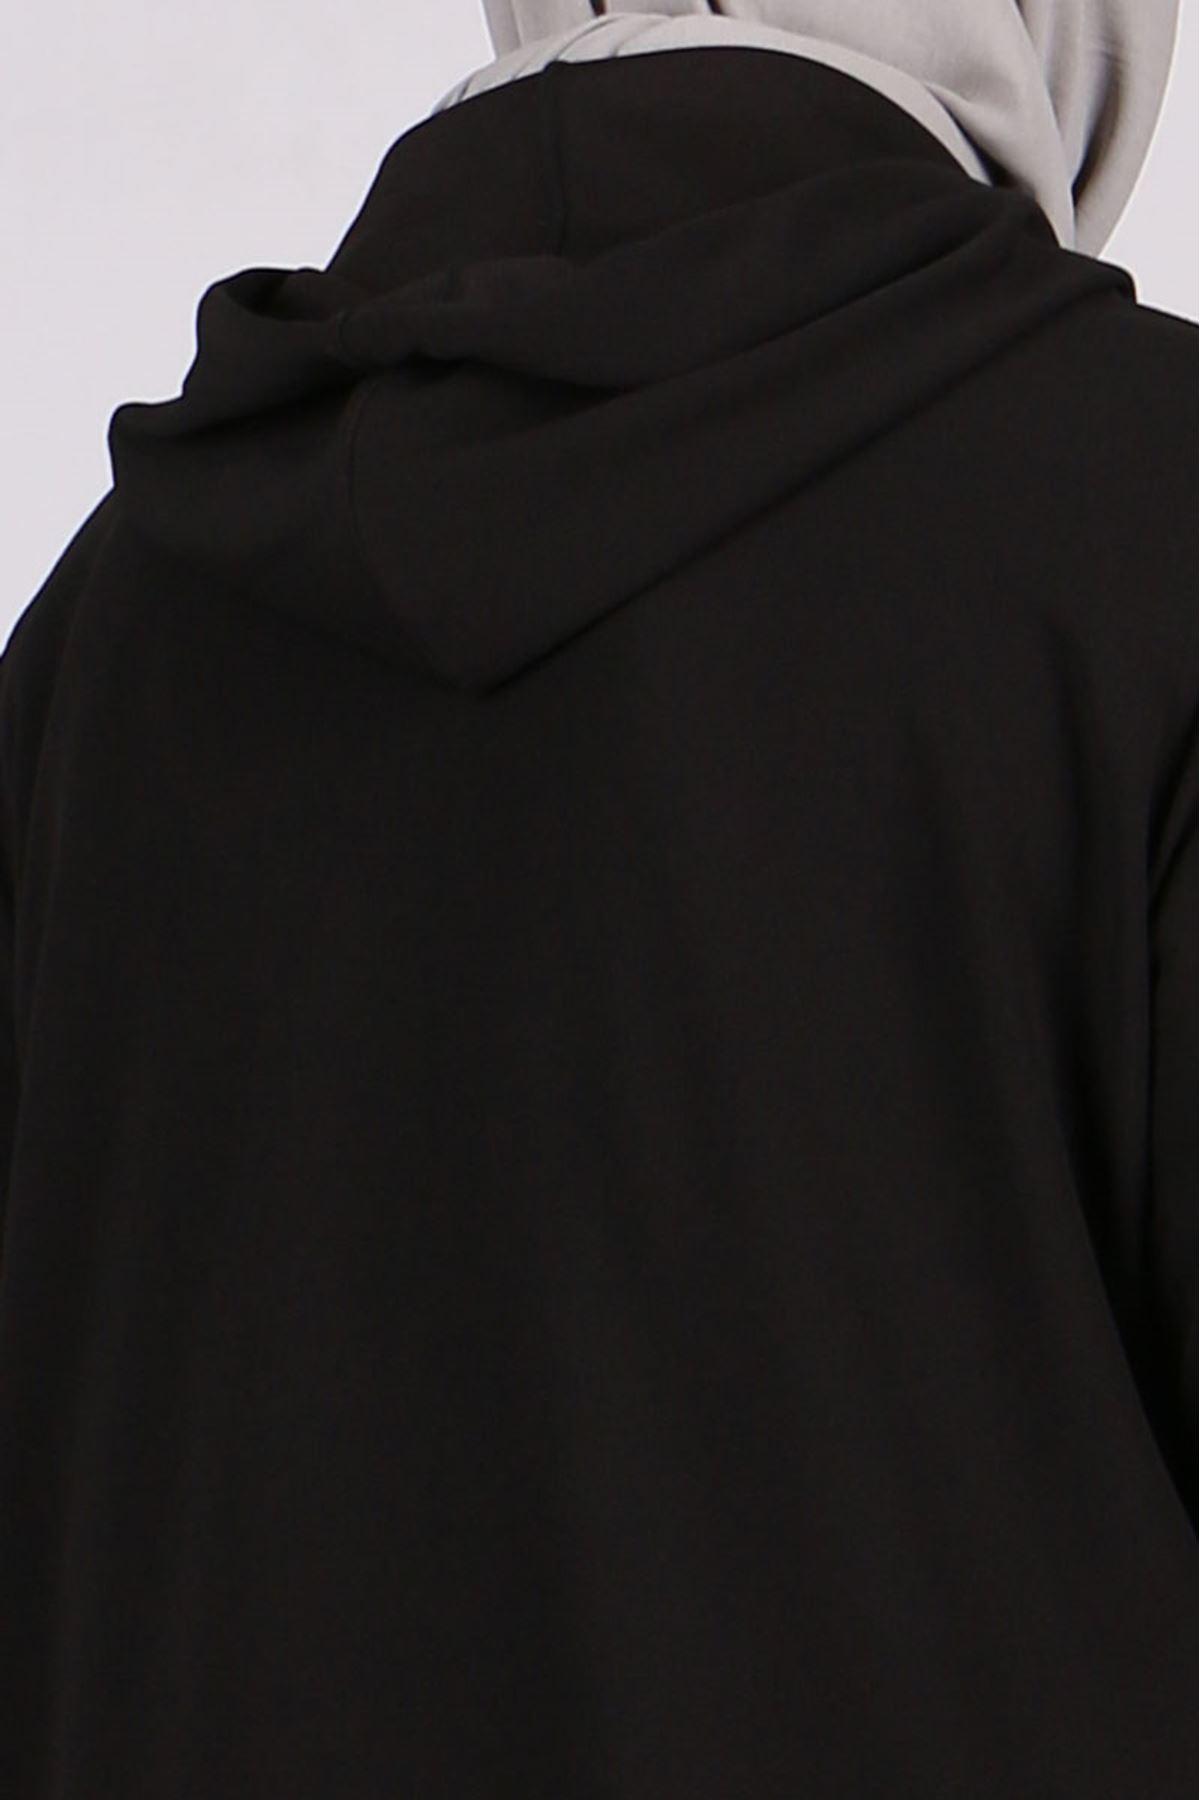 3186 Büyük Beden Scuba Fermuarlı Ceket - Siyah